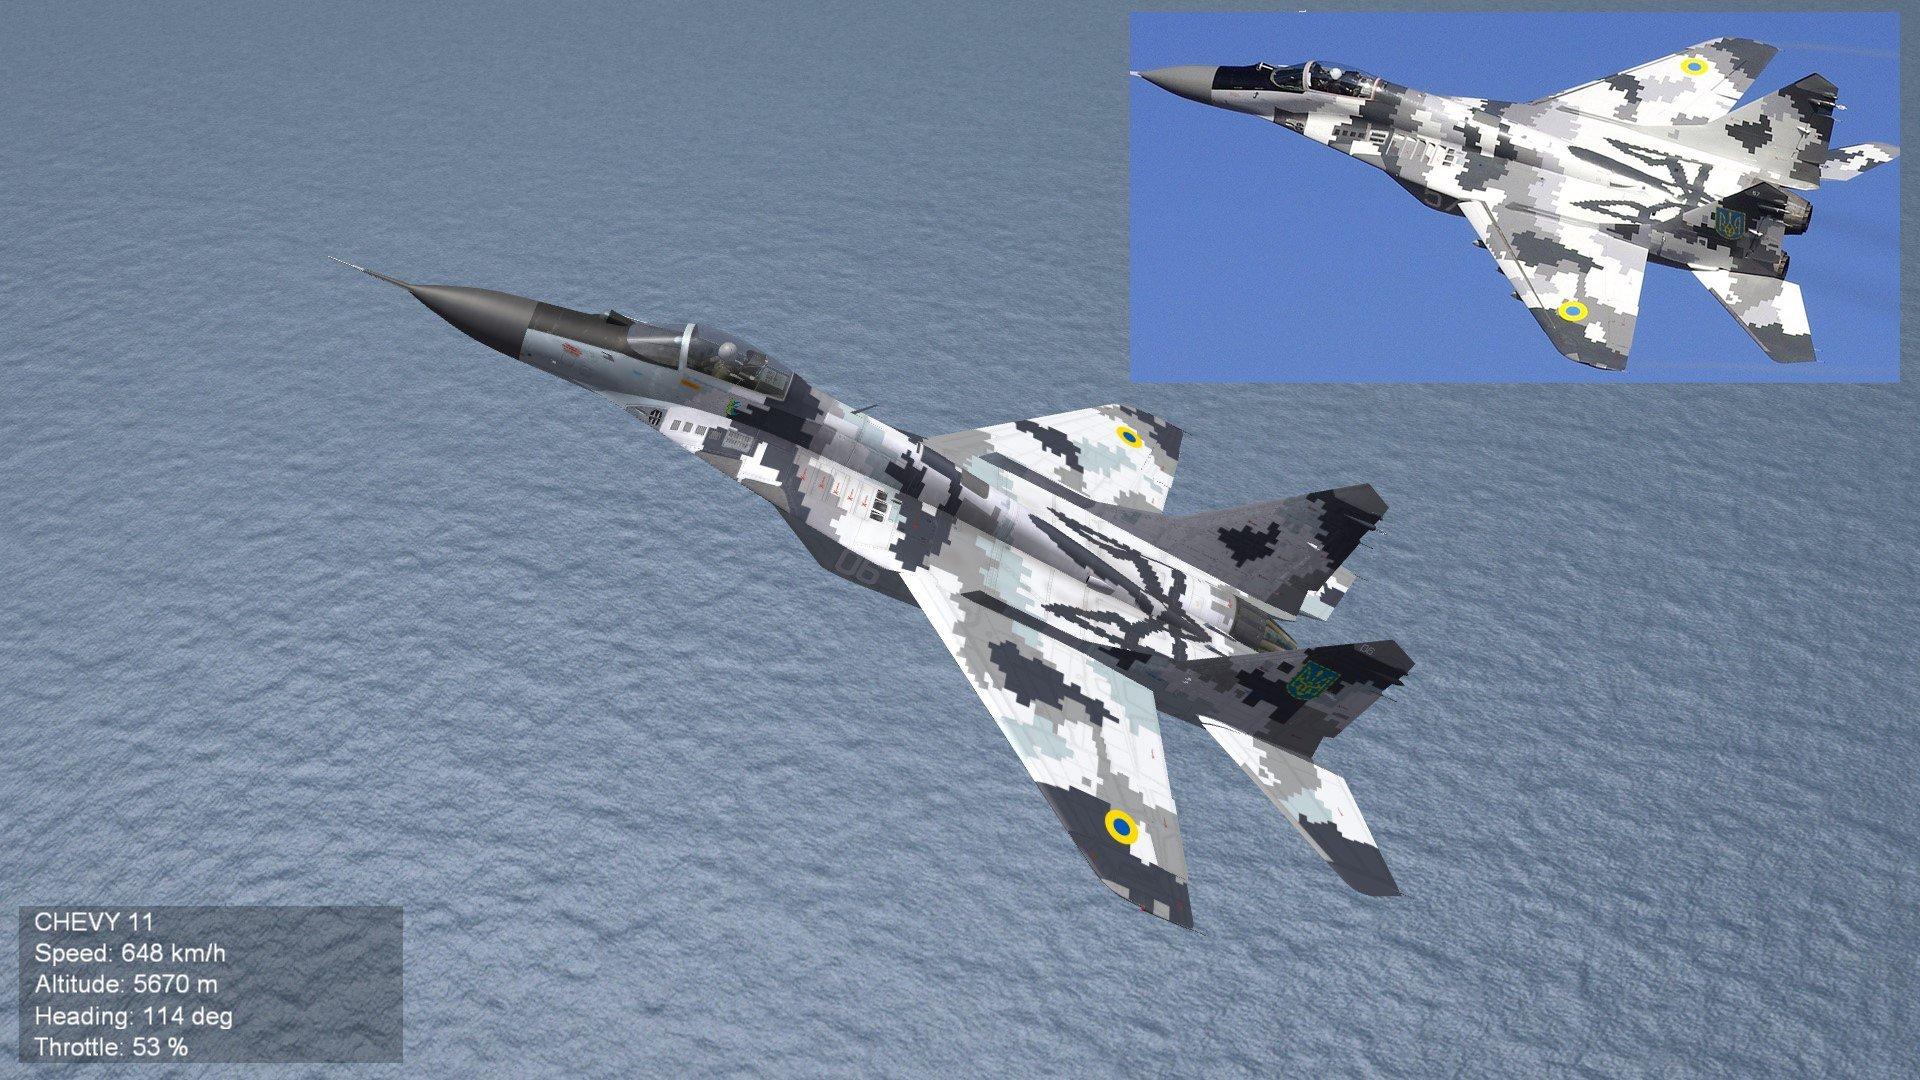 MiG-29AC_Set_of_2_Ukrainian_SKINS_Digital_and_Postsoviet.7z